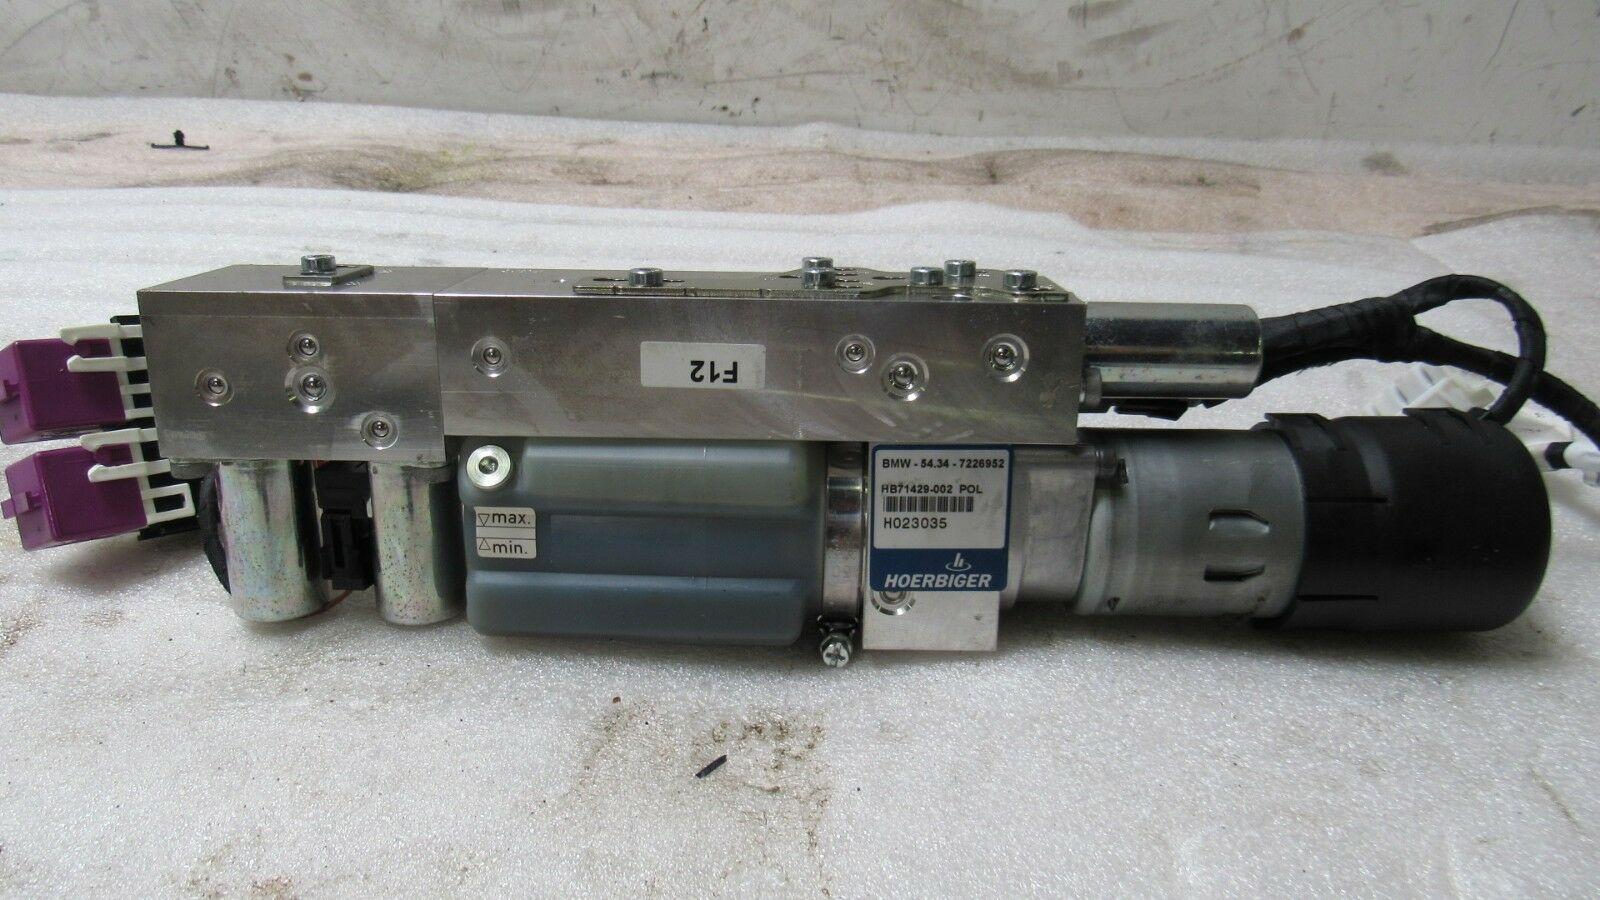 BMW F12 F6 M6 650i CONVERTIBLE ROOF LIFT HYDRAULIC PUMP 7226952  4